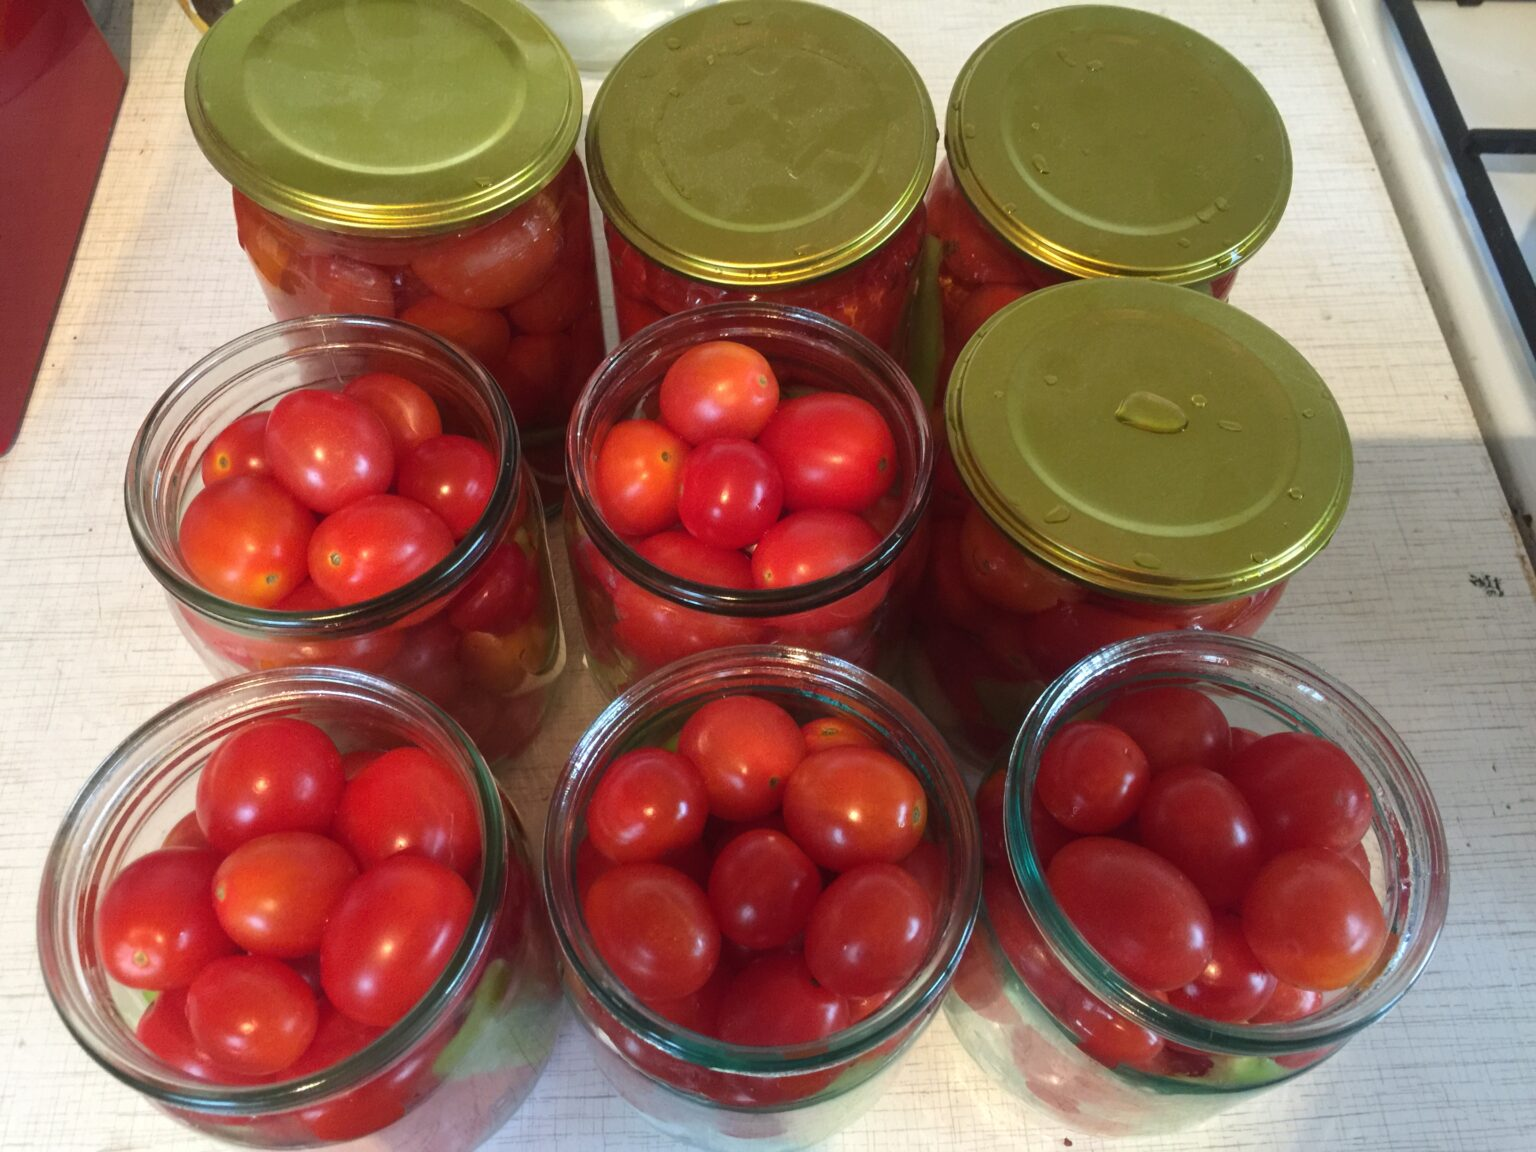 14 лучших рецептов приготовления заготовок из желтых помидор на зиму